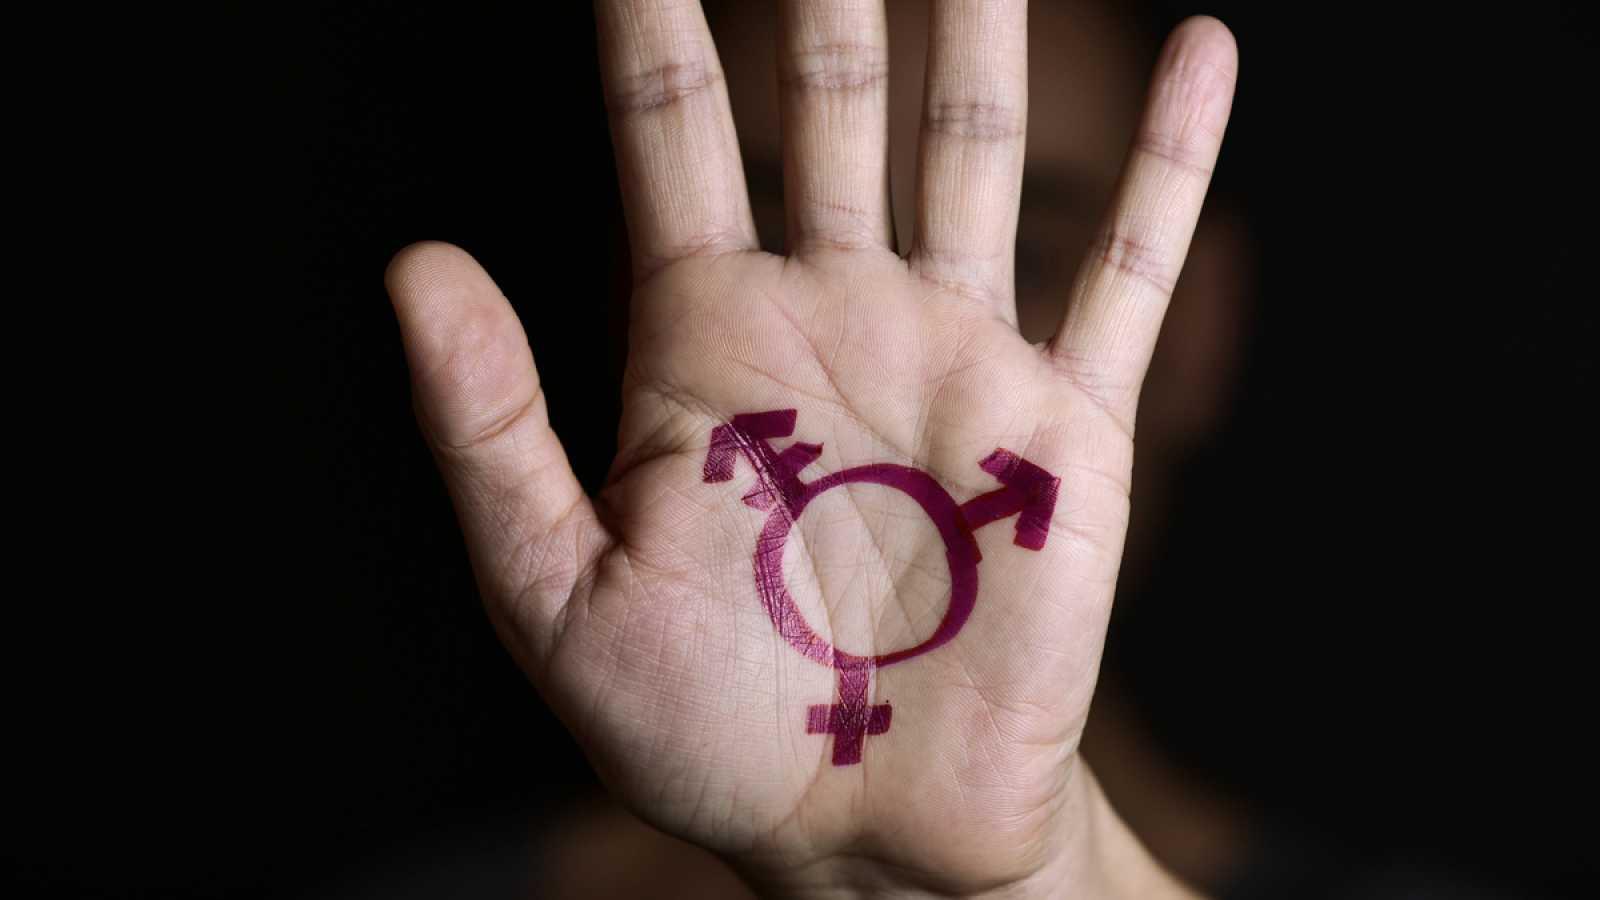 Imagen del símbolo de transexual